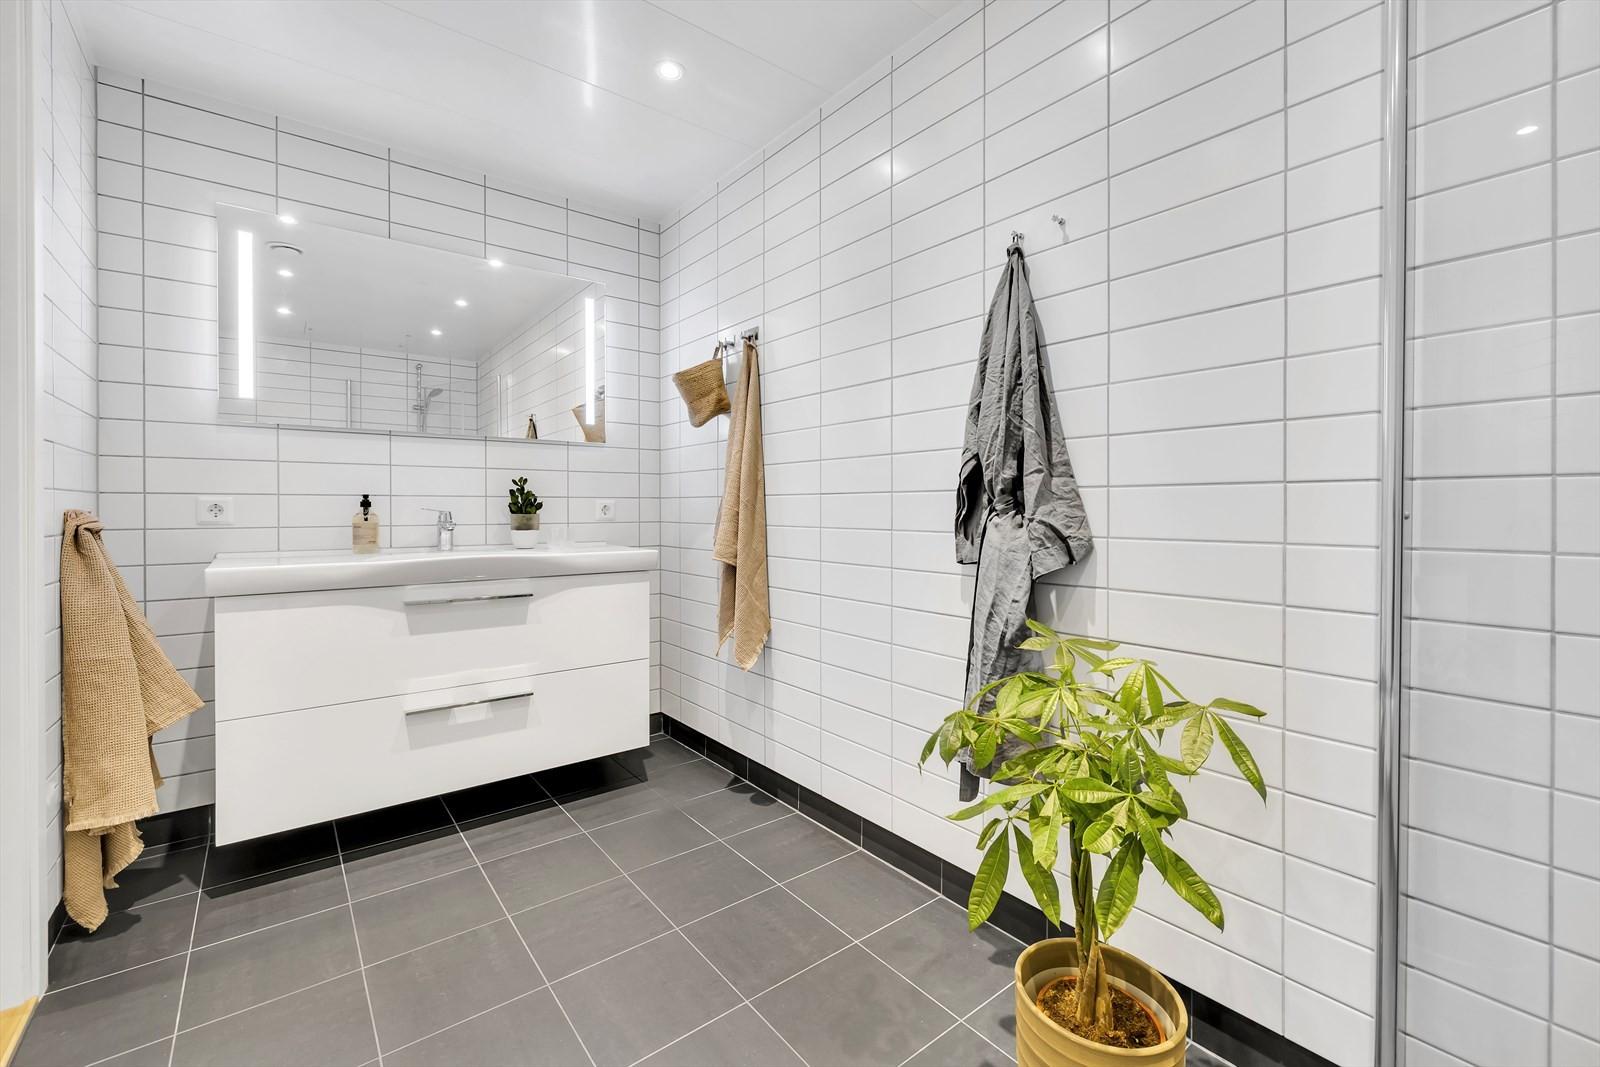 Badet er flislagt og med gulvvarme